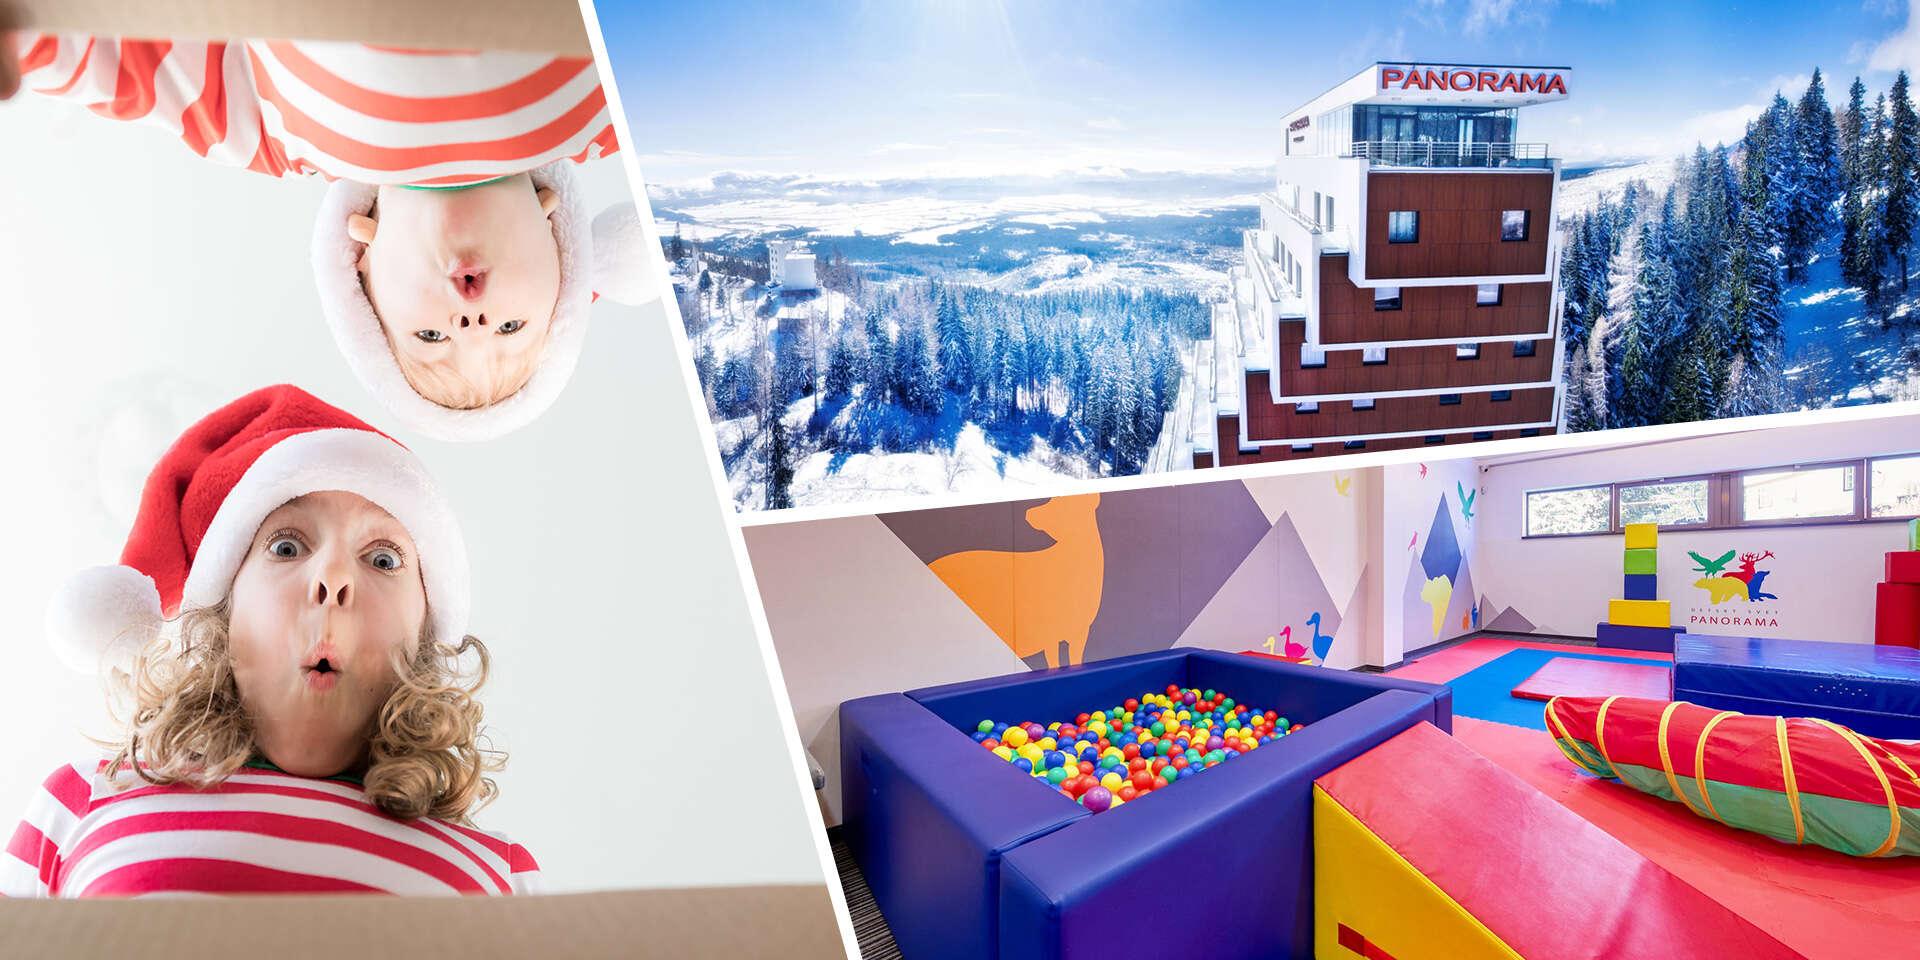 Mikulášsky pobyt pre 2 osoby a 2 deti do 12 rokov v apartmáne hotela Panorama**** pri Štrbskom plese